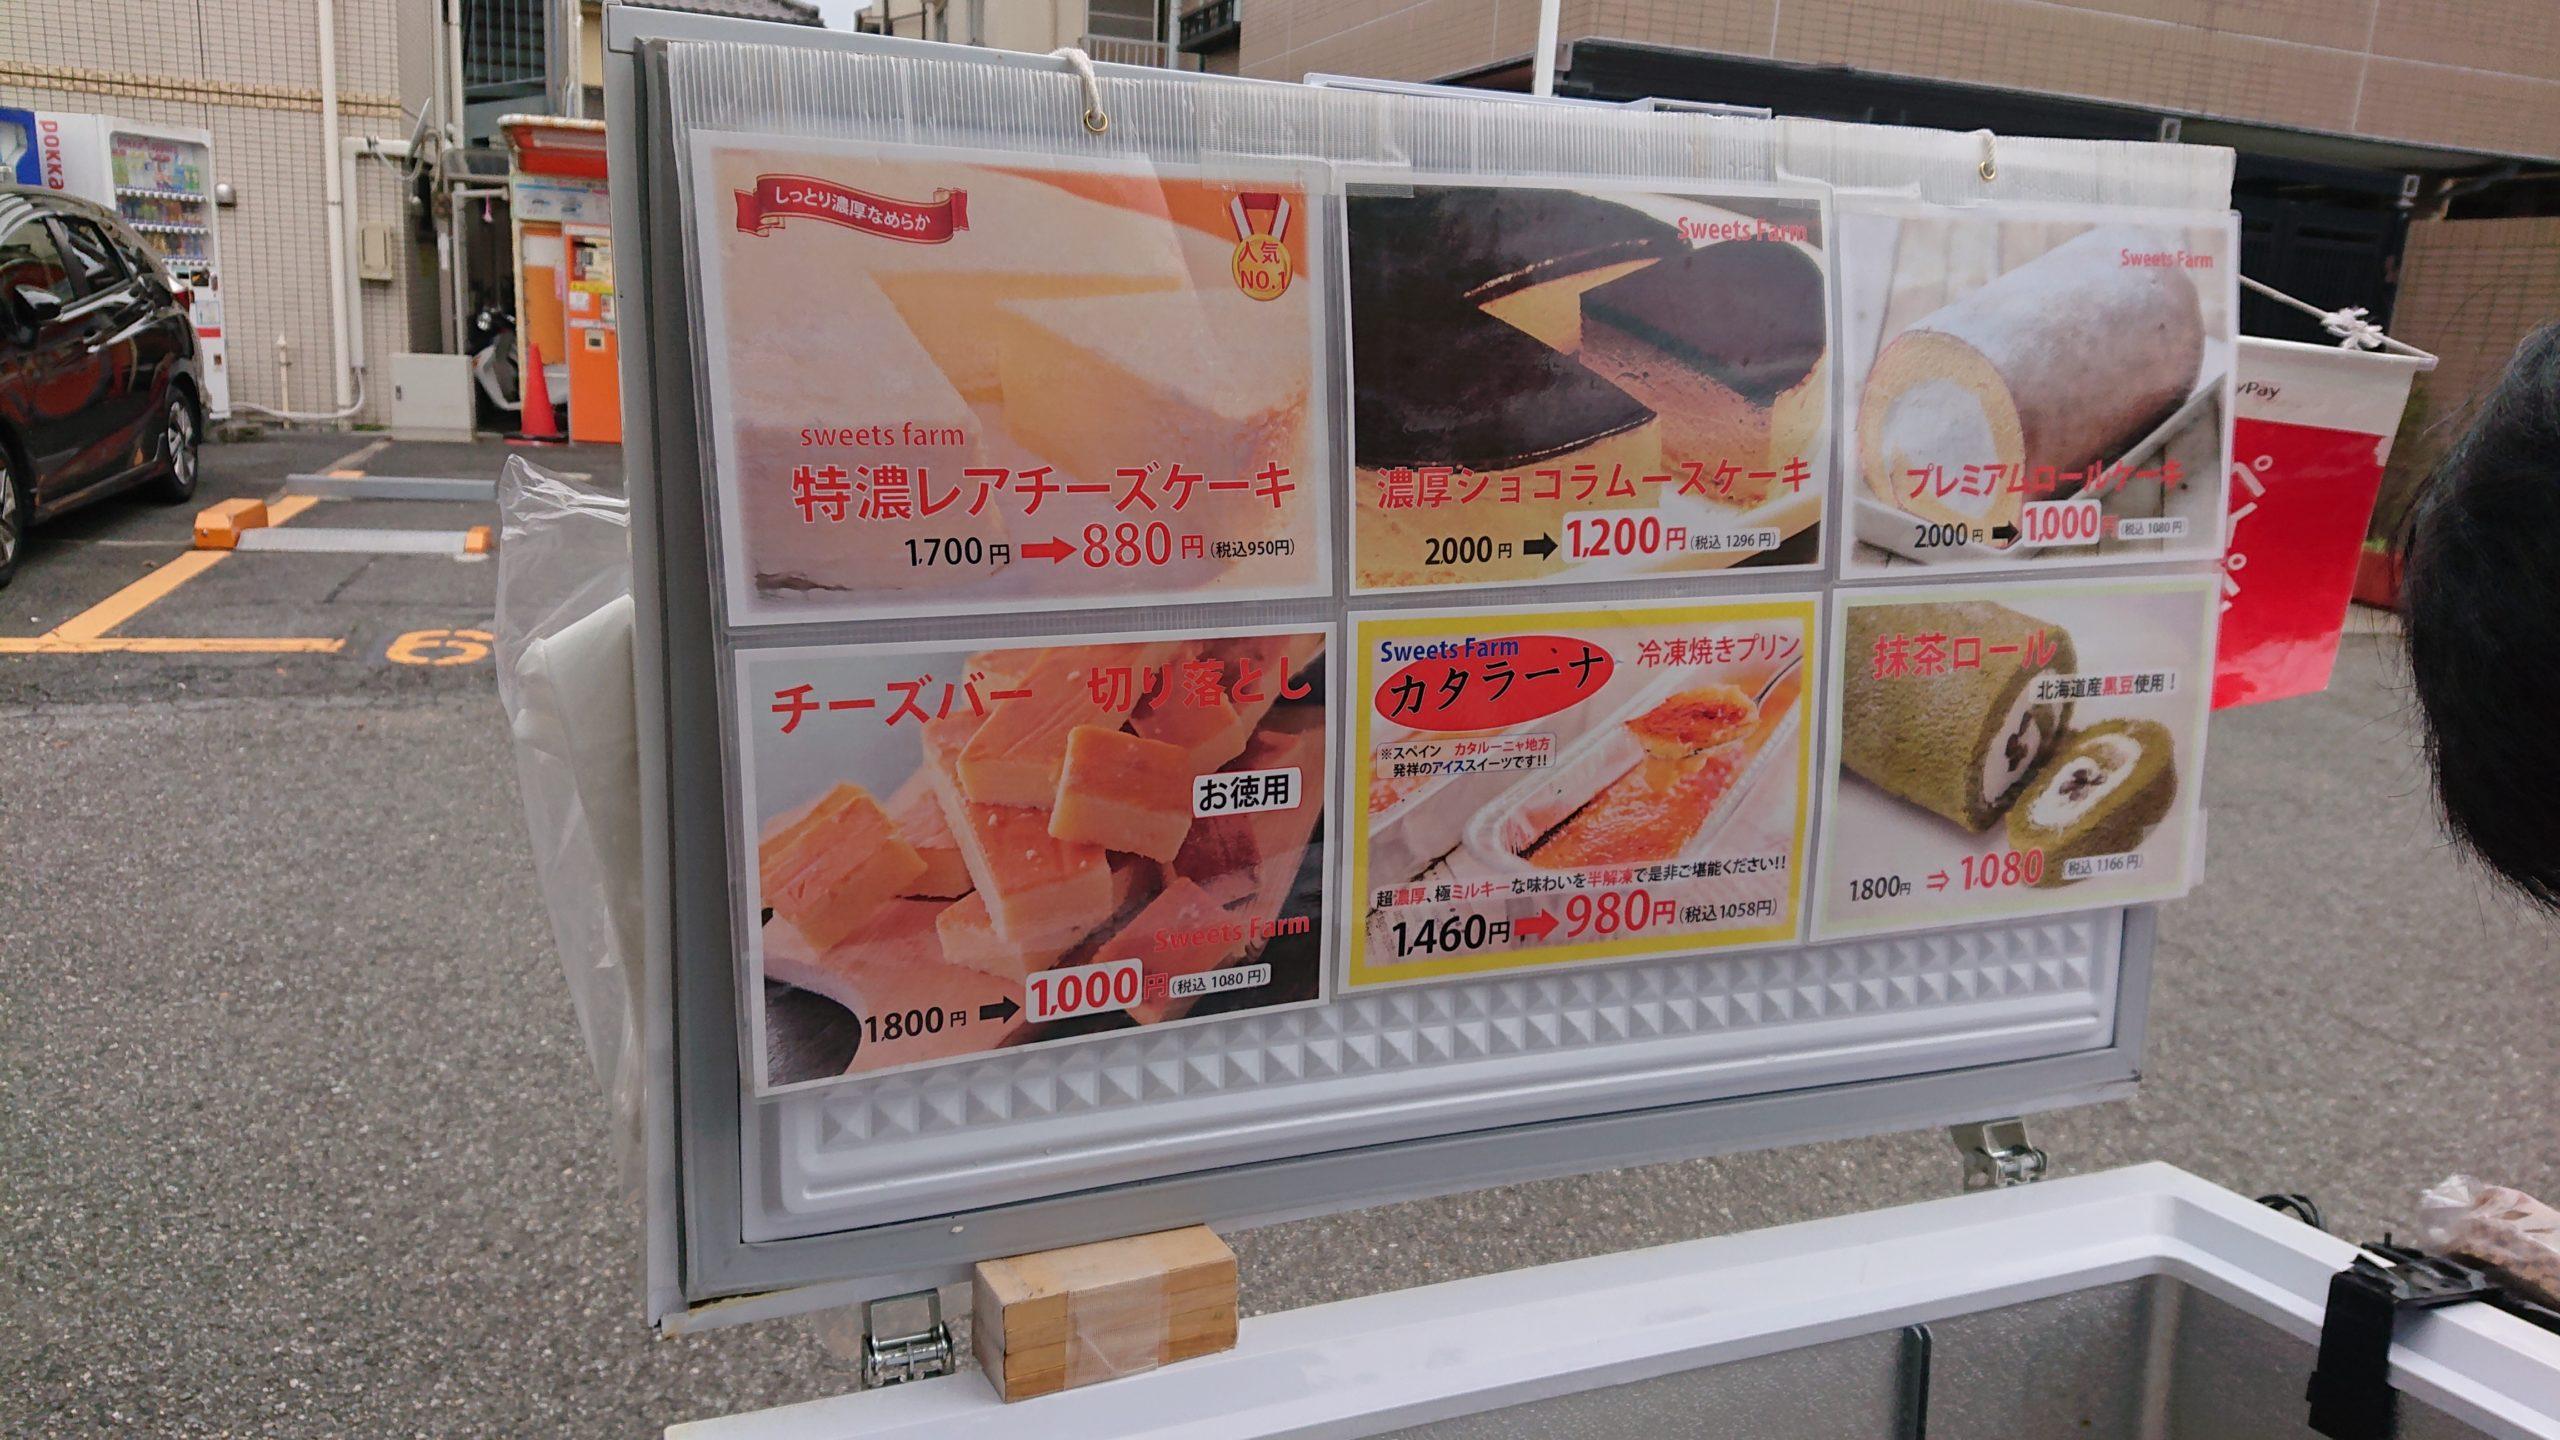 洋菓子 評判 柴田 店 移動 販売 濃厚!北海道スイーツ直売フェアのチーズケーキが驚愕の美味しさ!@西荻窪